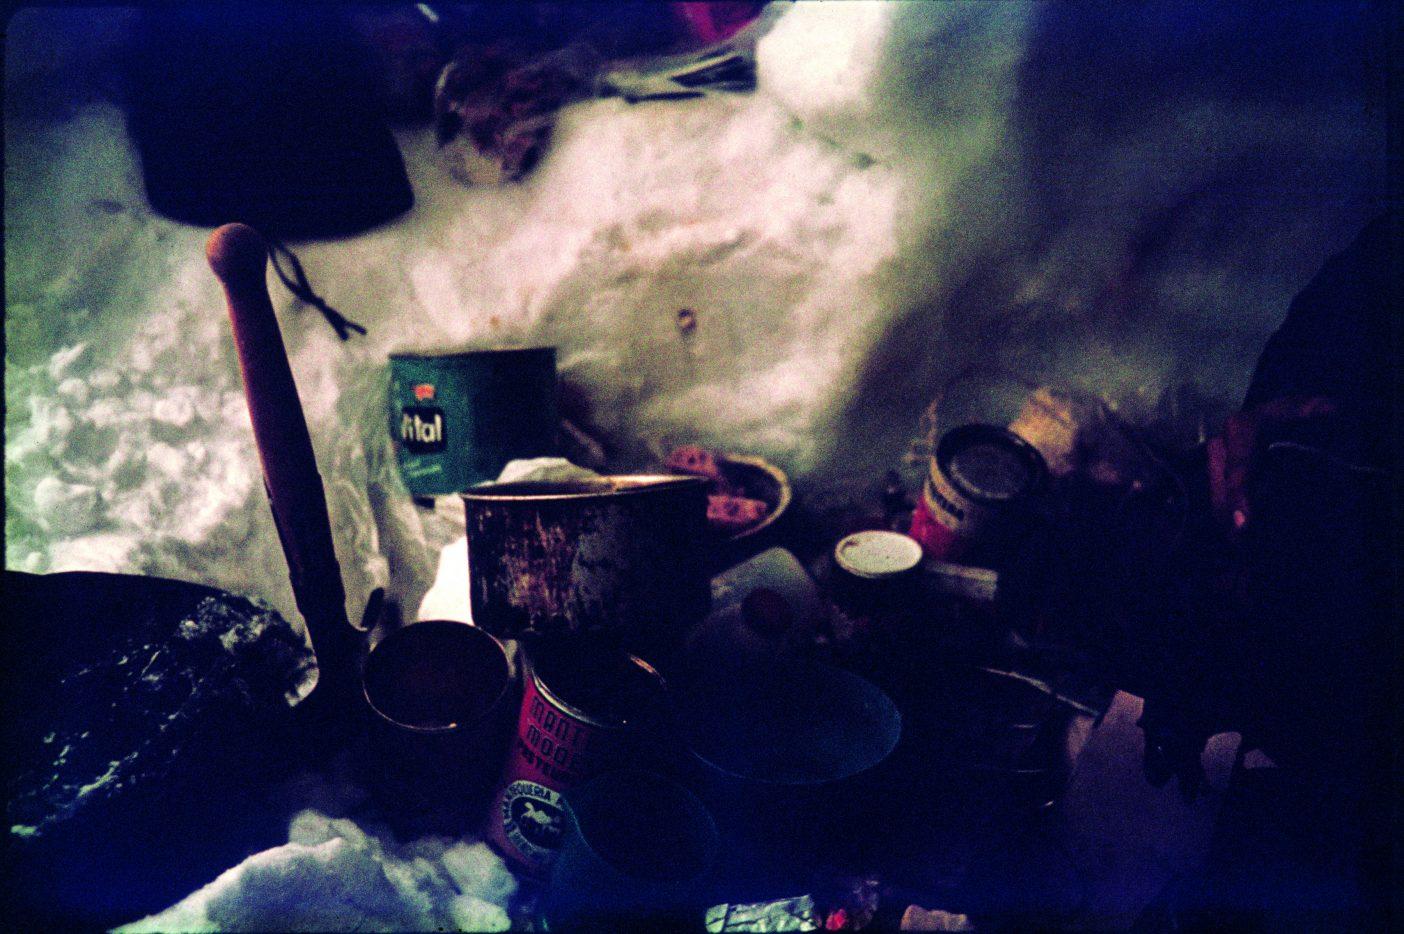 第2氷洞の内部:缶詰、調理用具、氷洞を掘るのに頼りになった鉄製シャベル(ドライブの道中の金物屋で買った)。この鉄のシャベルなしにはおそらく登攀は不可能だっただろう。ここの氷は当時のアメリカ製のスノーシャベルなど歯が立たないほど固かった。